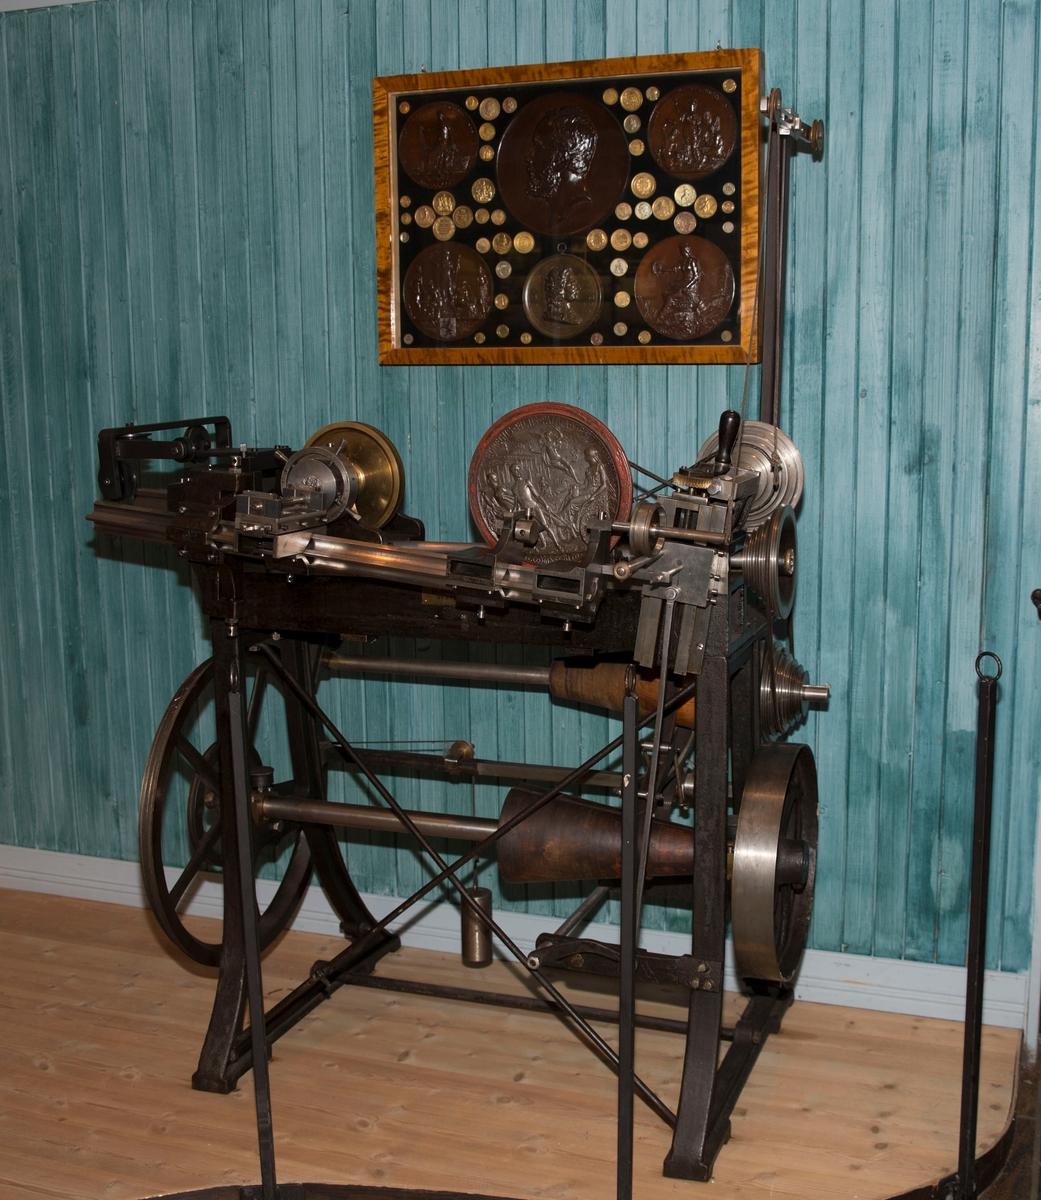 En åpen maskin med tilnærmet rektangulær form.